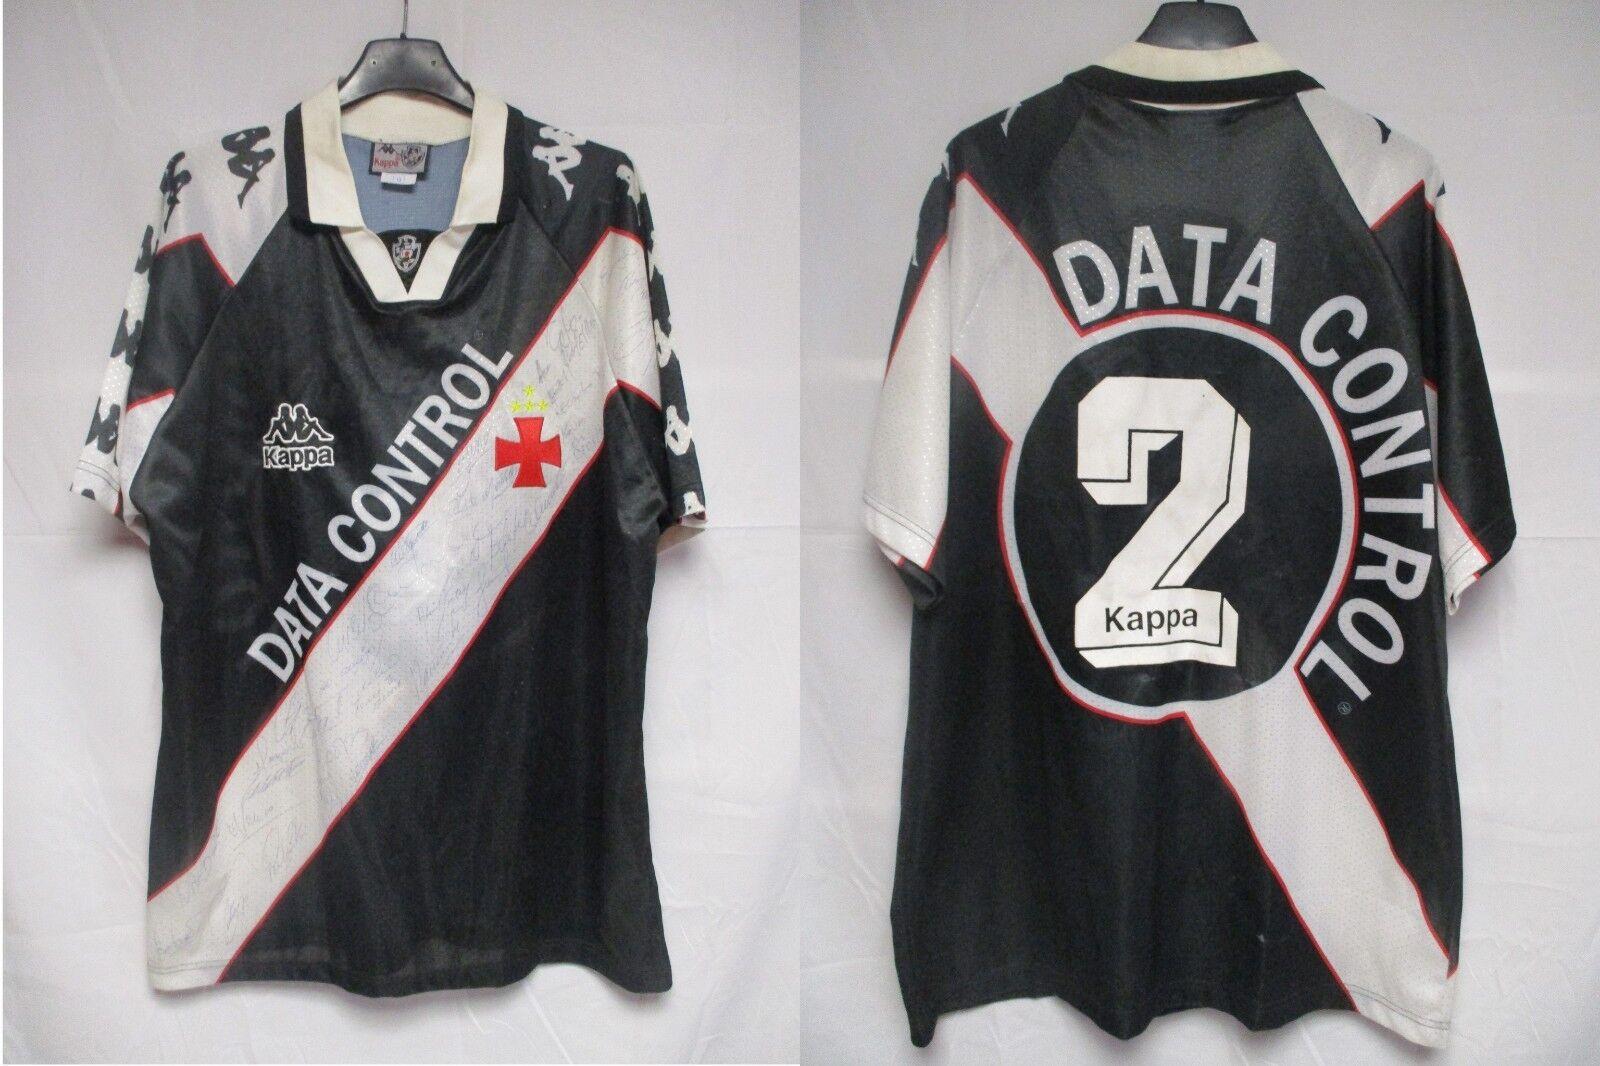 Maillot VASCO DE DA GAMA 1997 porté n°2 vintage jersey worn shirt issue signé L